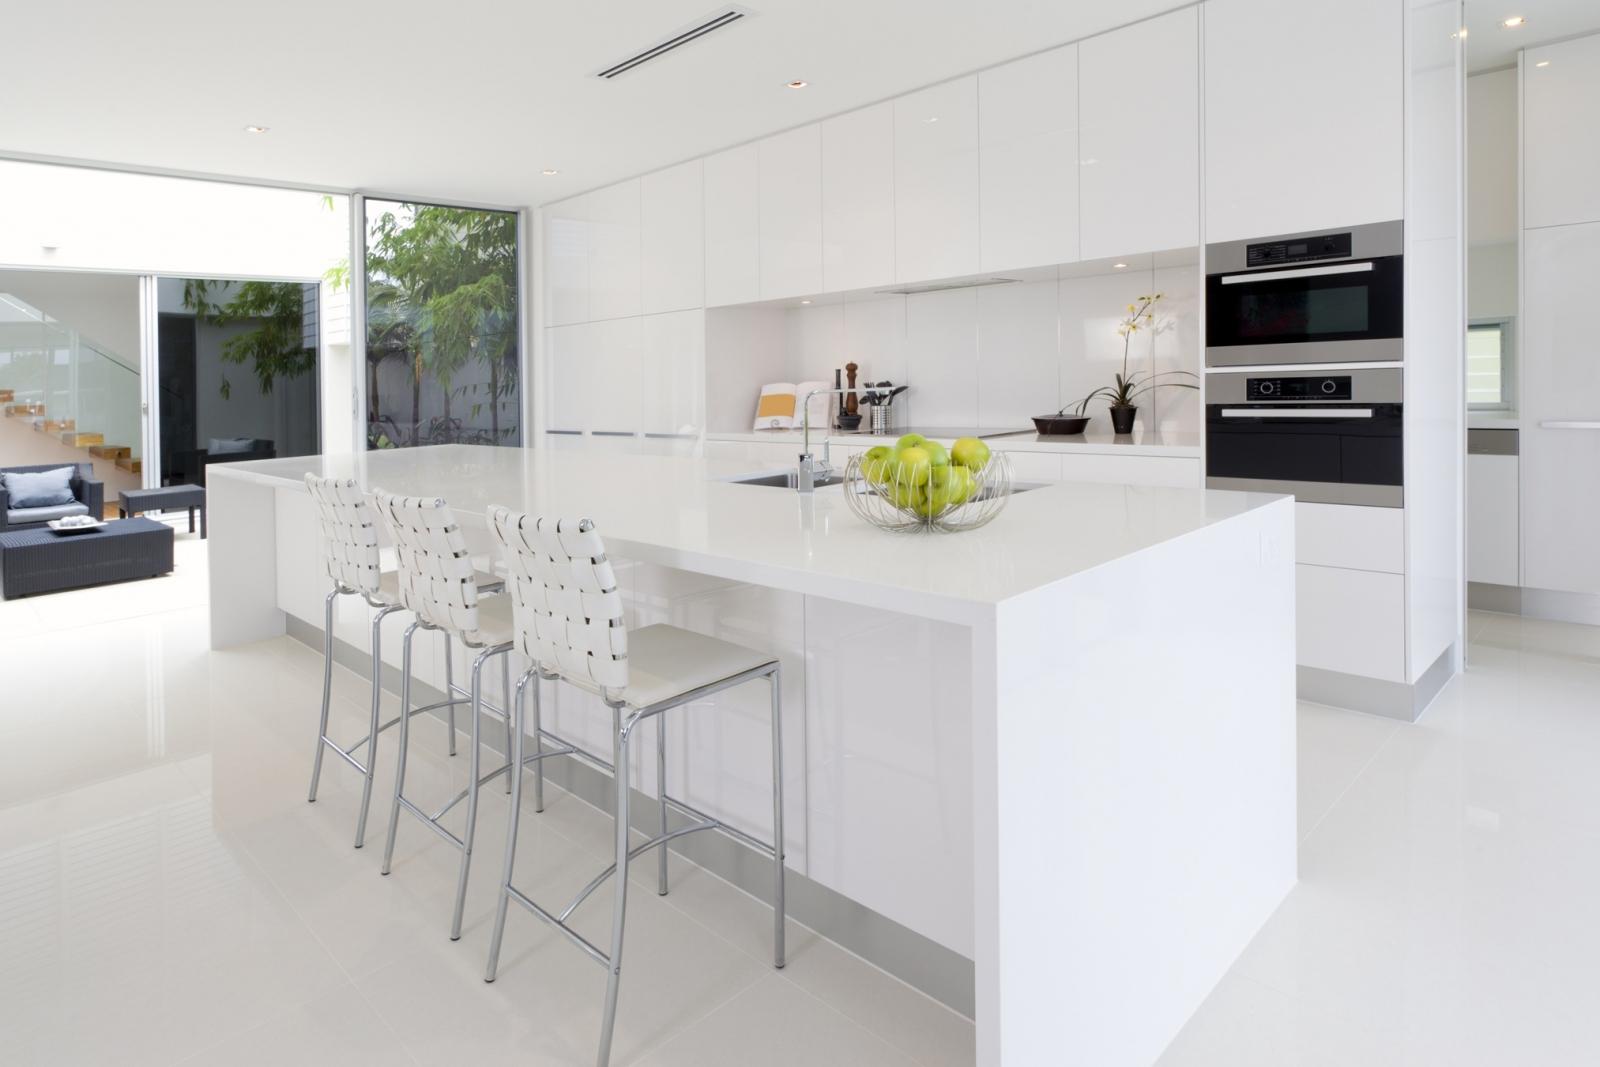 Idee keuken marmer - Witte keuken met zwart werkblad ...